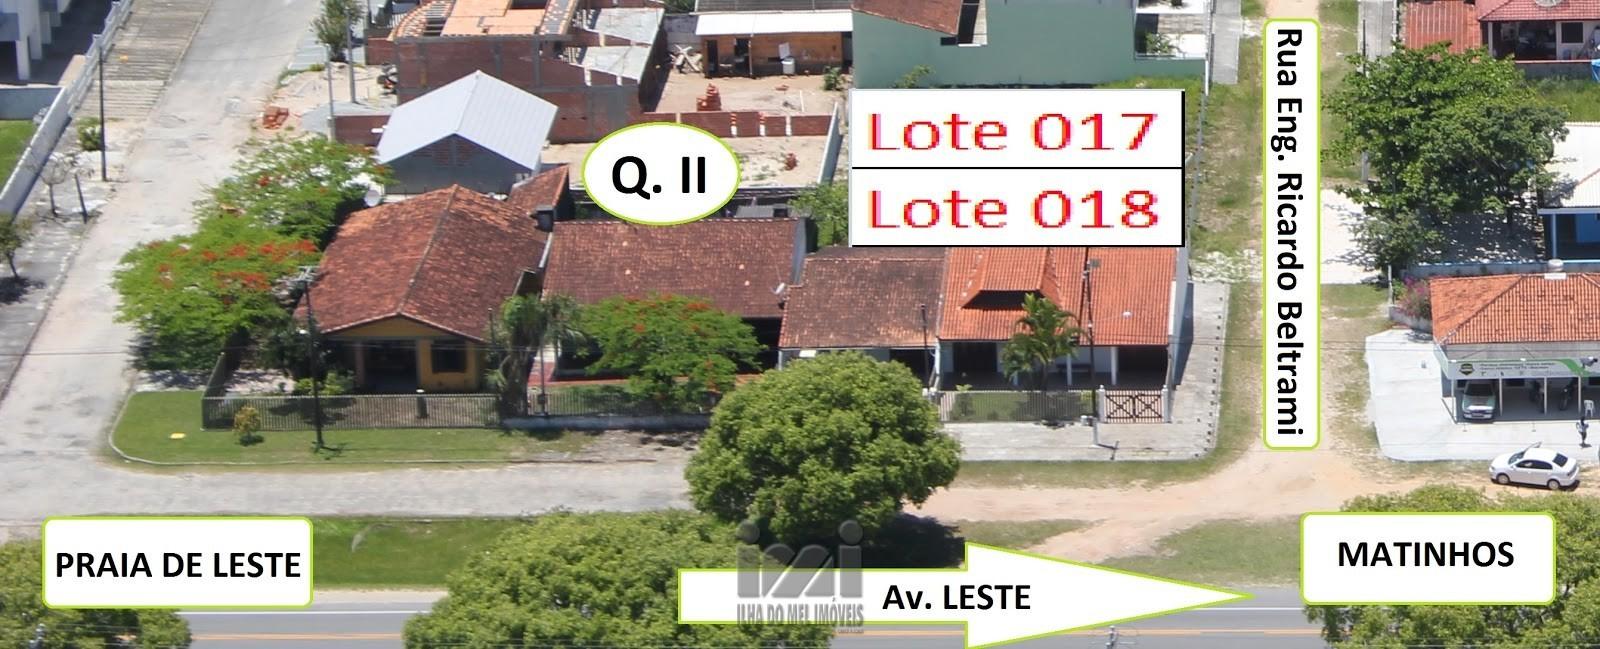 Q2_Lotes 17 e 18